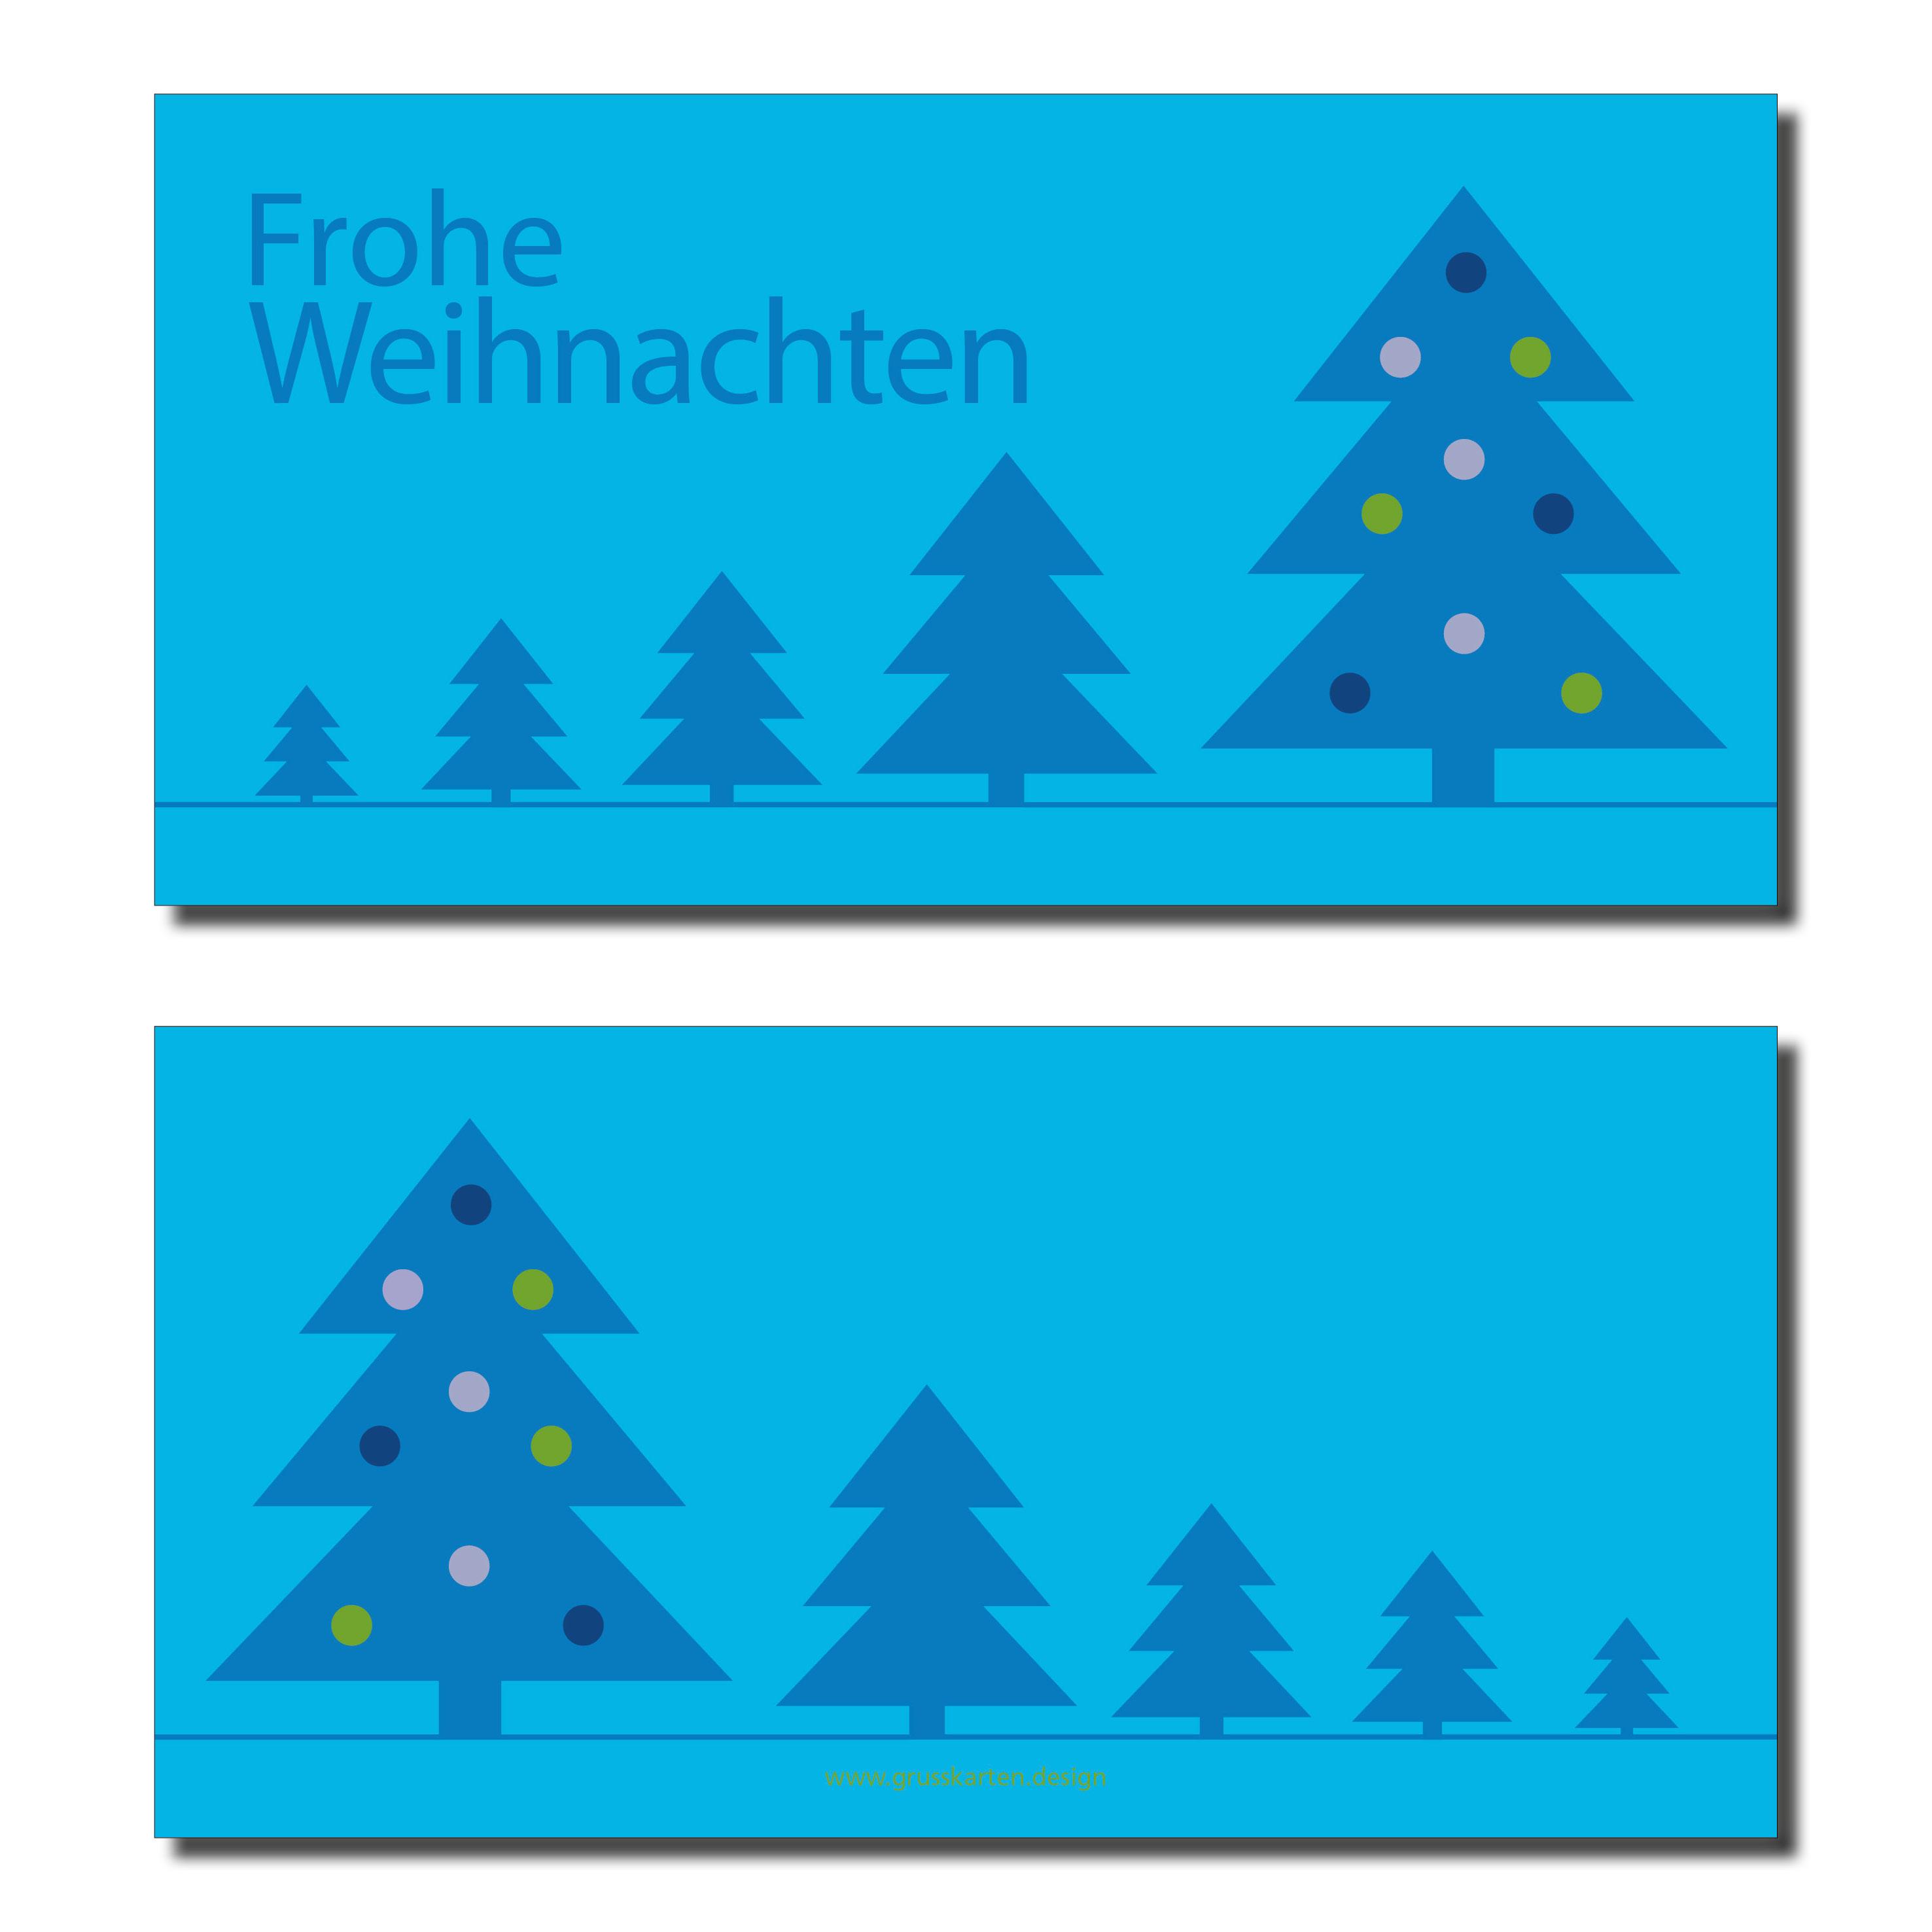 Frohe Weihnachten F303274r Kunden.Mystisch Weihnachtskarte Blaue Weihnachtsbaume Auf Cyan Inkl Kuvert Und Versand